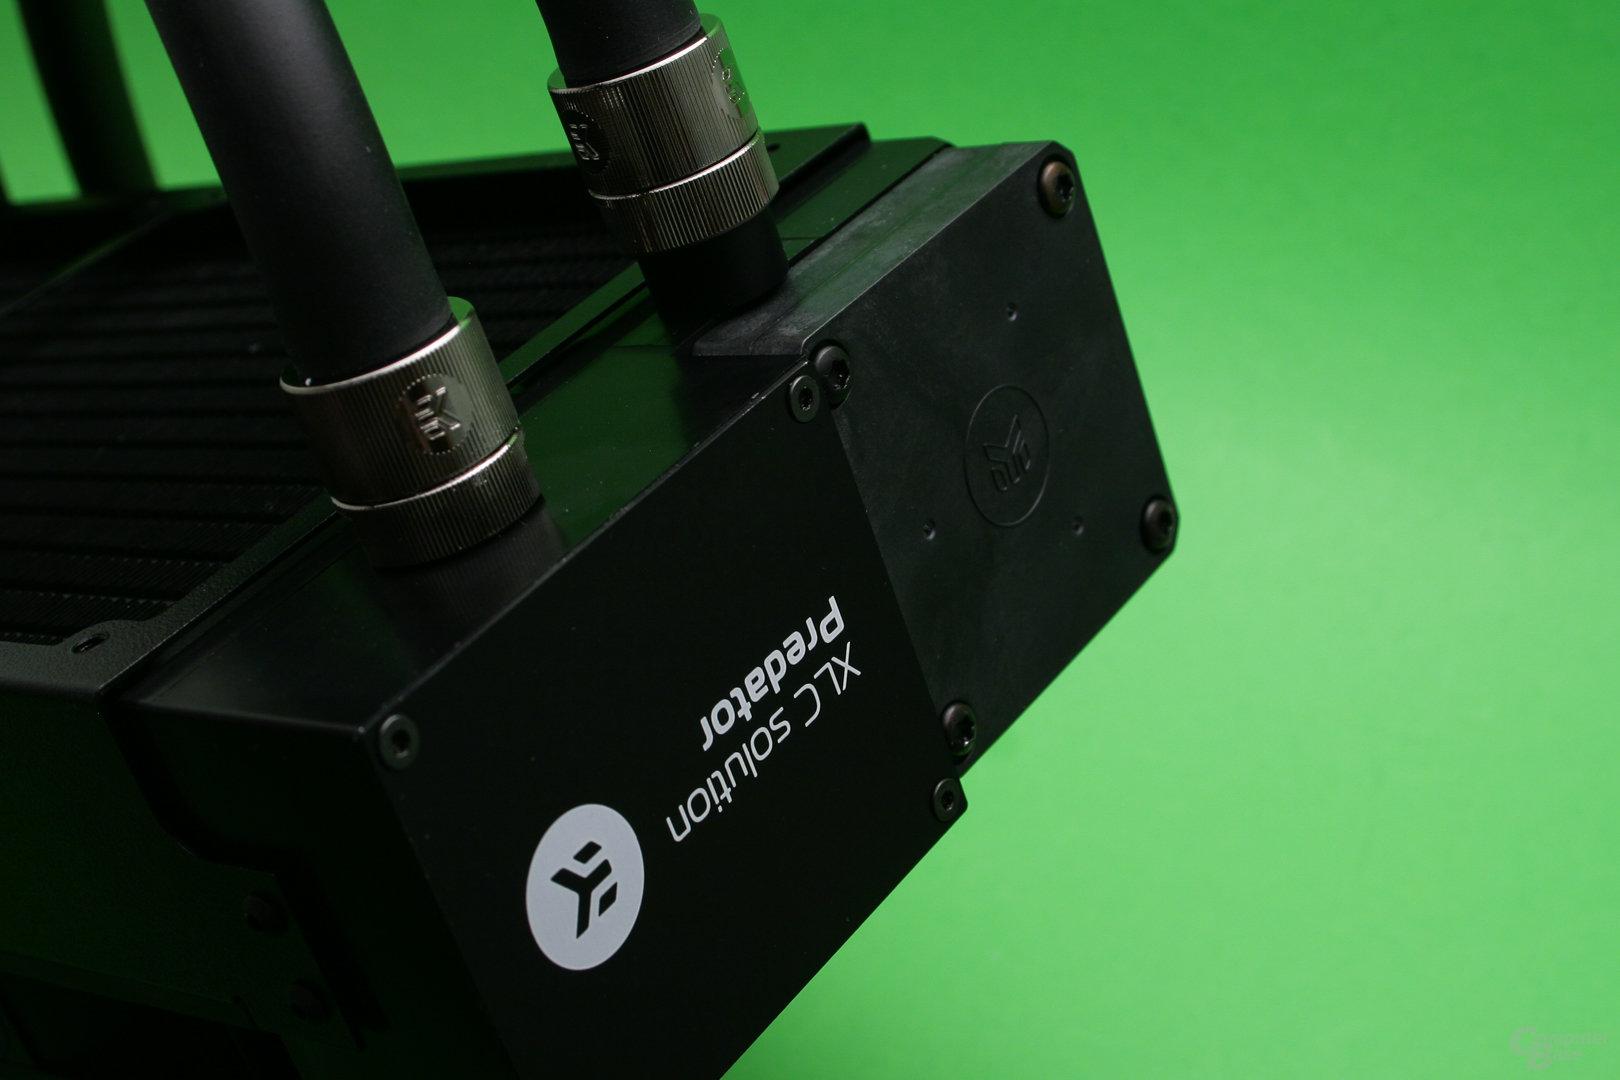 EK Predator 280: Die Pumpe stammt von EKWB